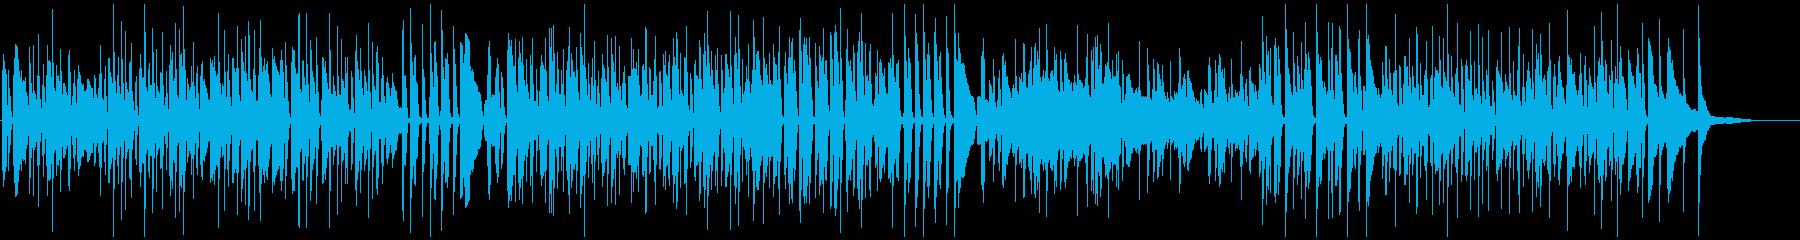 カフェ系ピアノジャズでおしゃれかっこいいの再生済みの波形